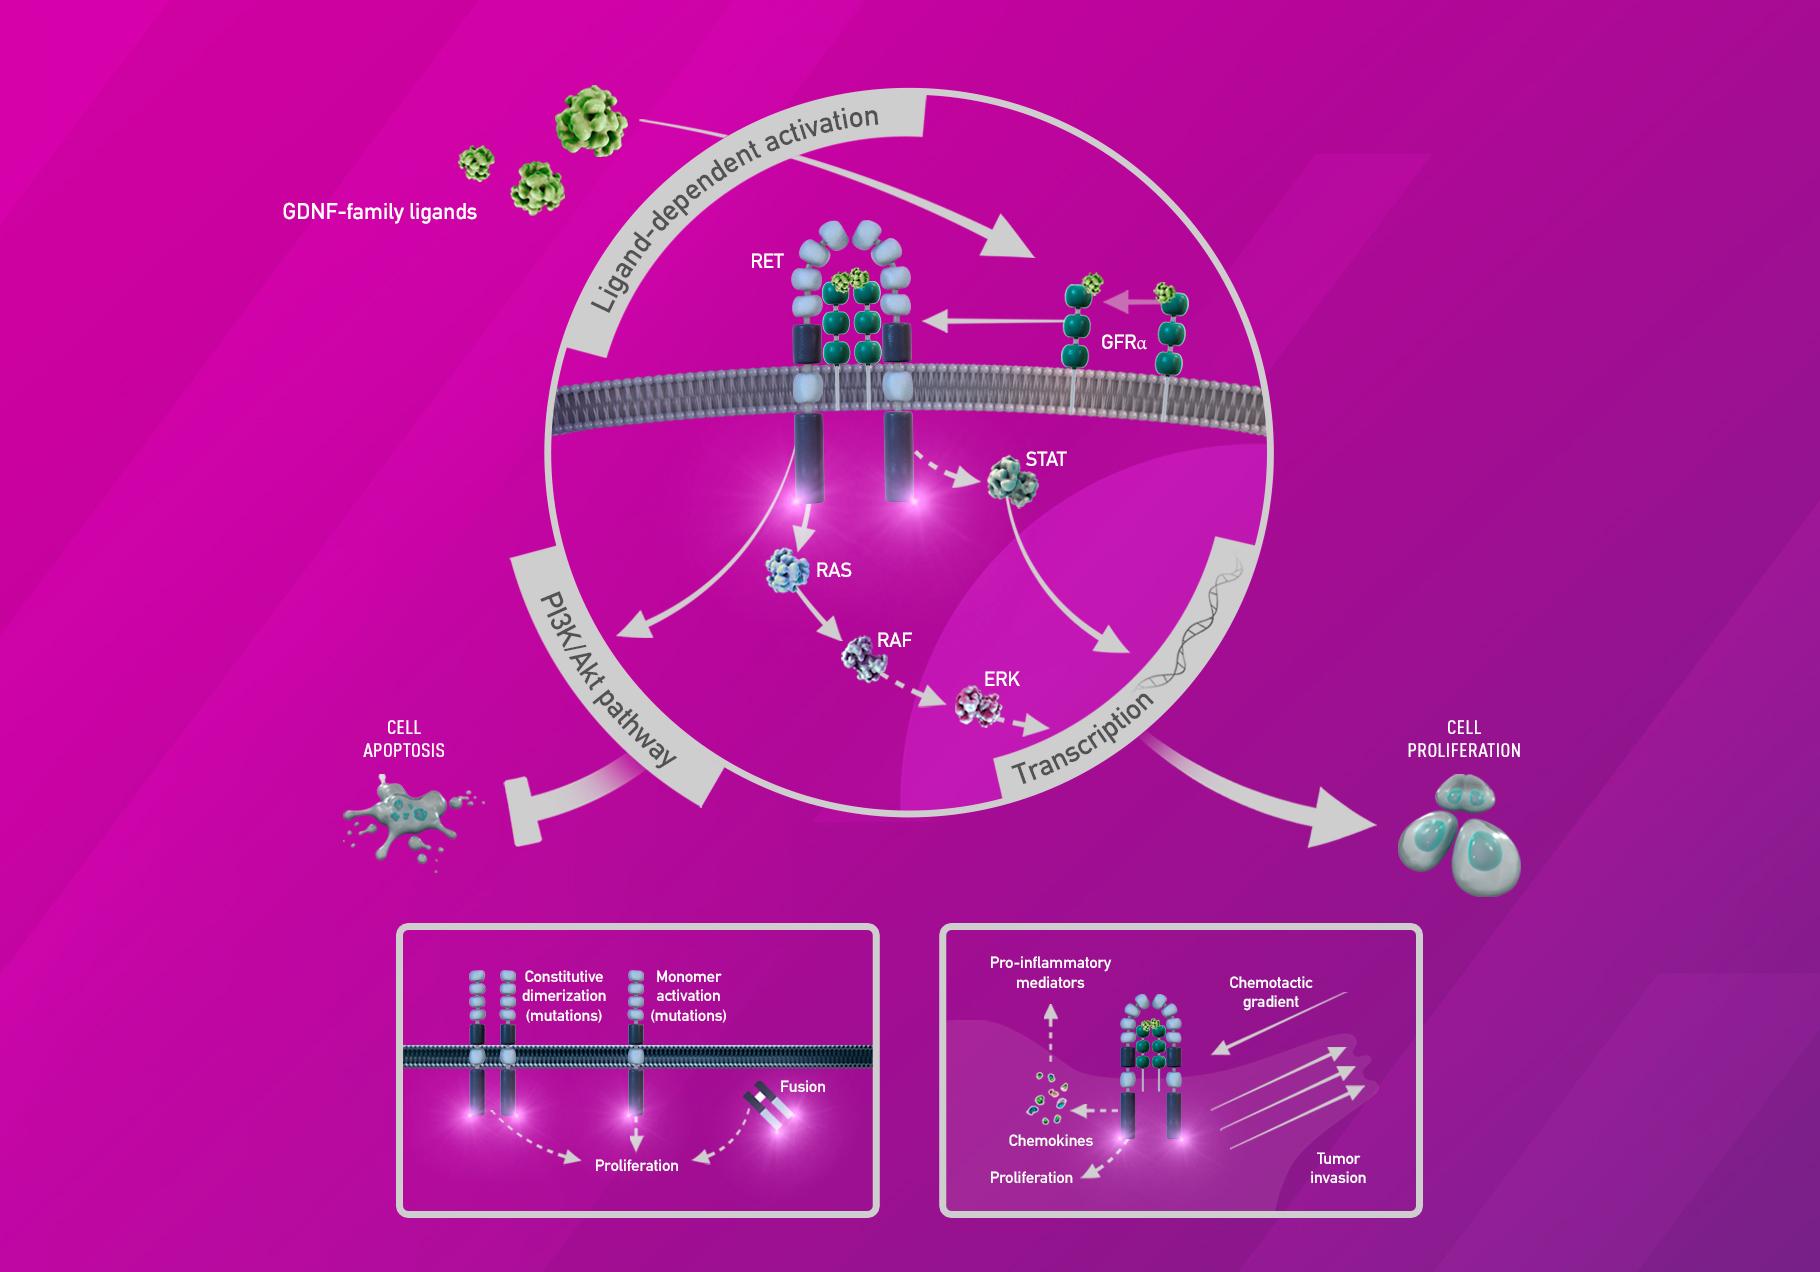 selpercatinib moa - «Ретевмо»: первое лекарство против RET-положительных опухолей